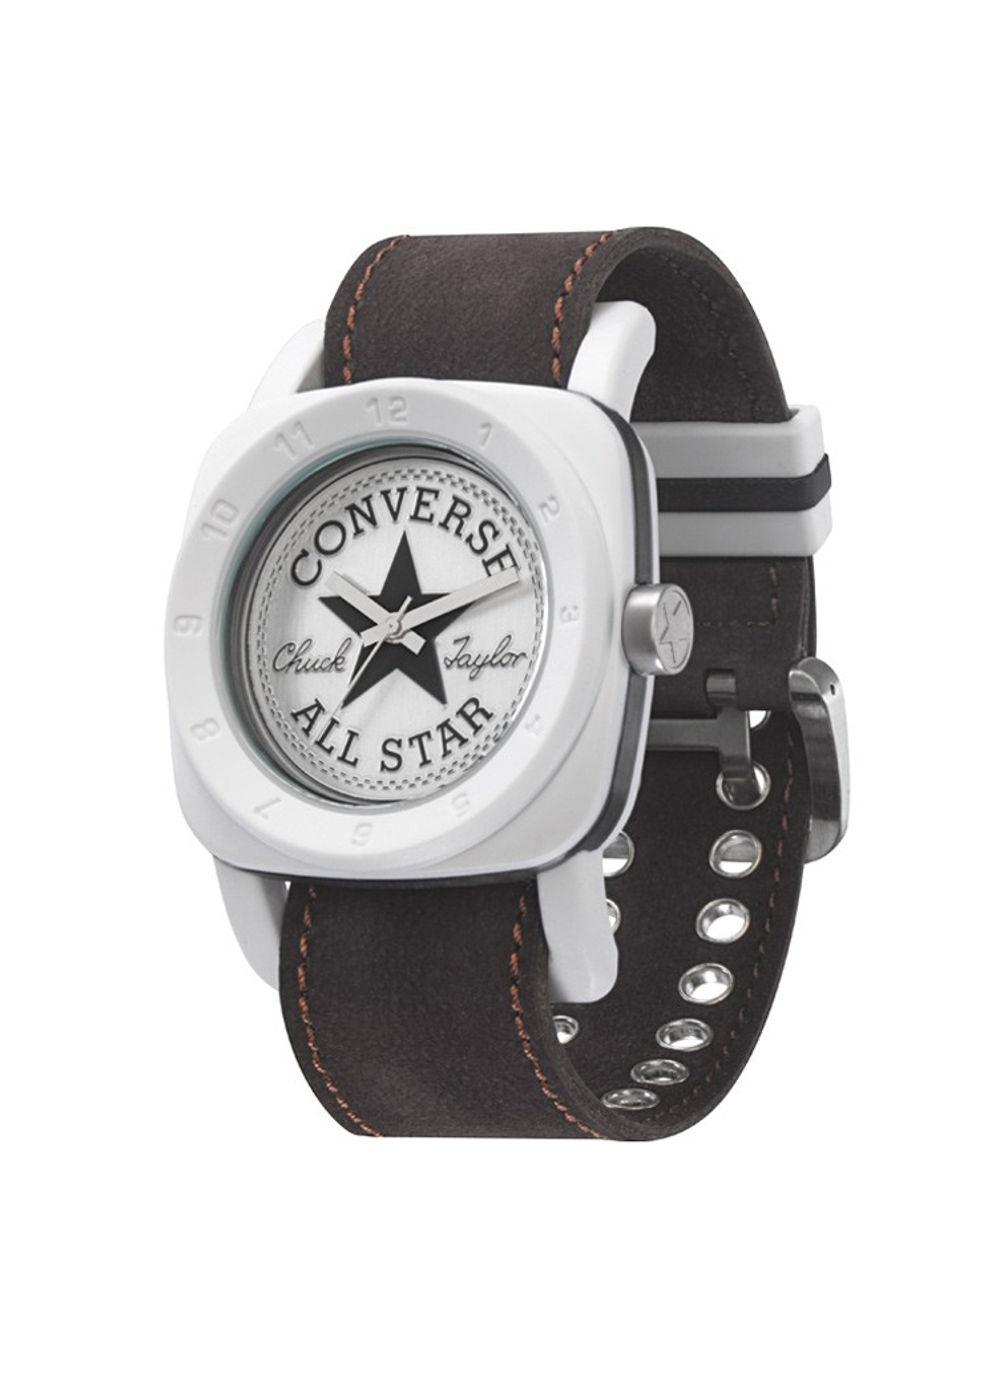 84f6bd57cbea Converse-analog Unisex Watch Vr026-250